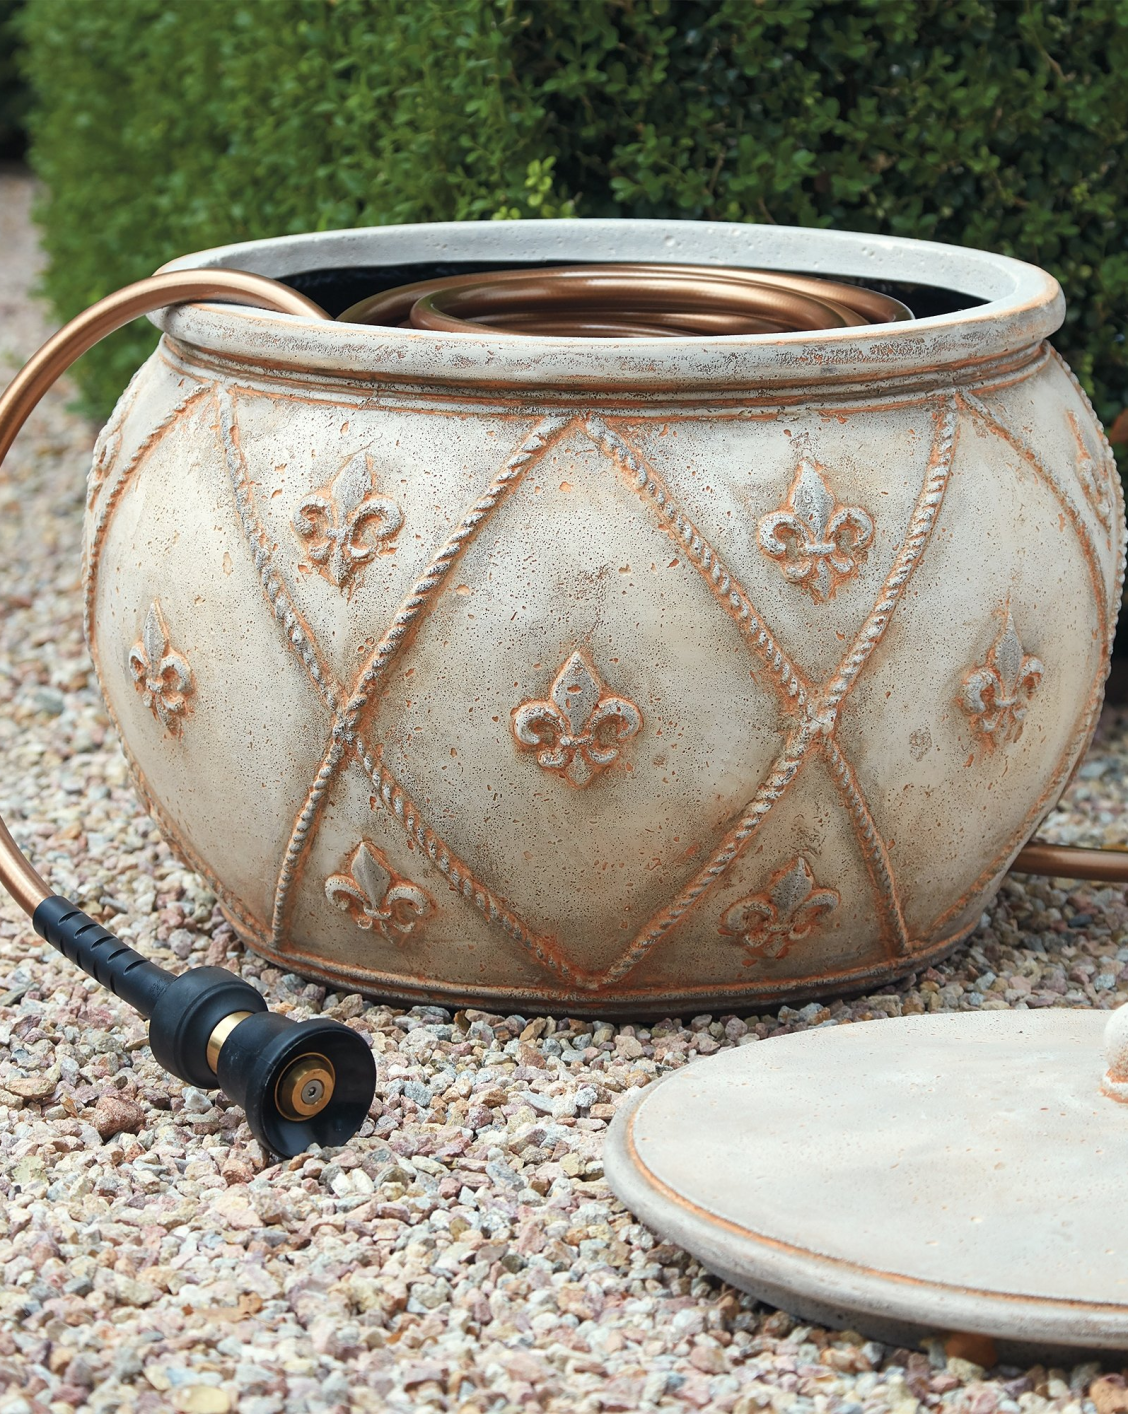 Fleur De Lis Hose Pot With Images